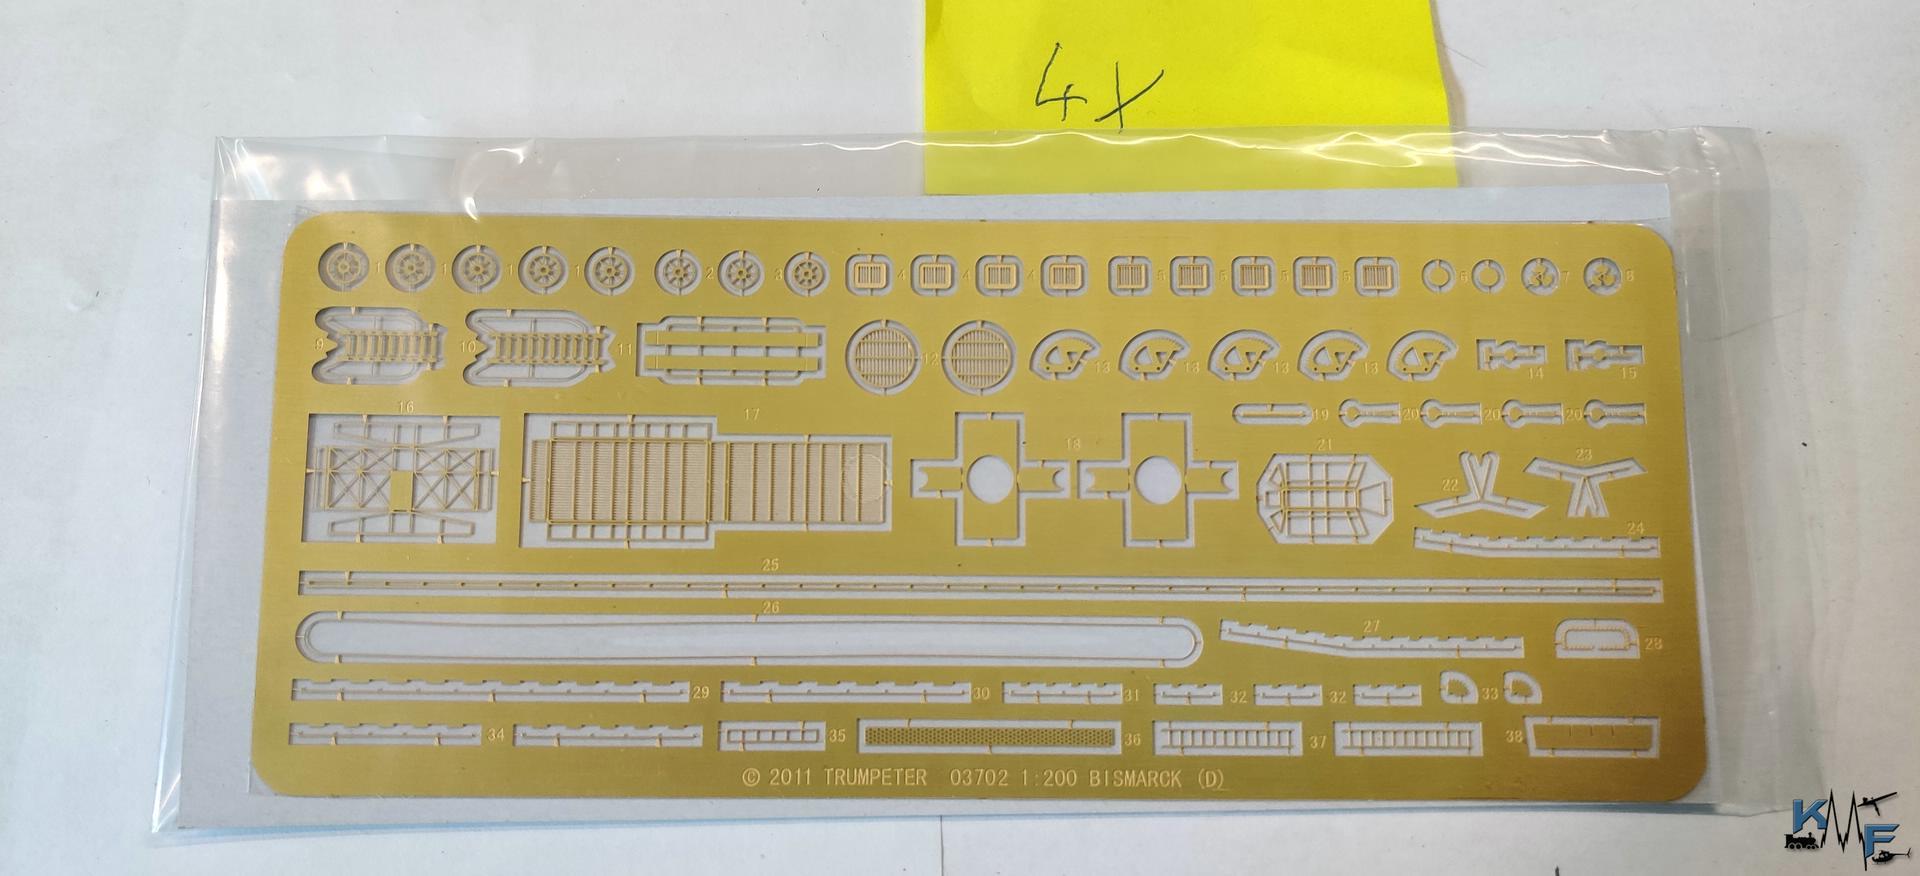 BV-TRU-BISMARCK_85.jpg